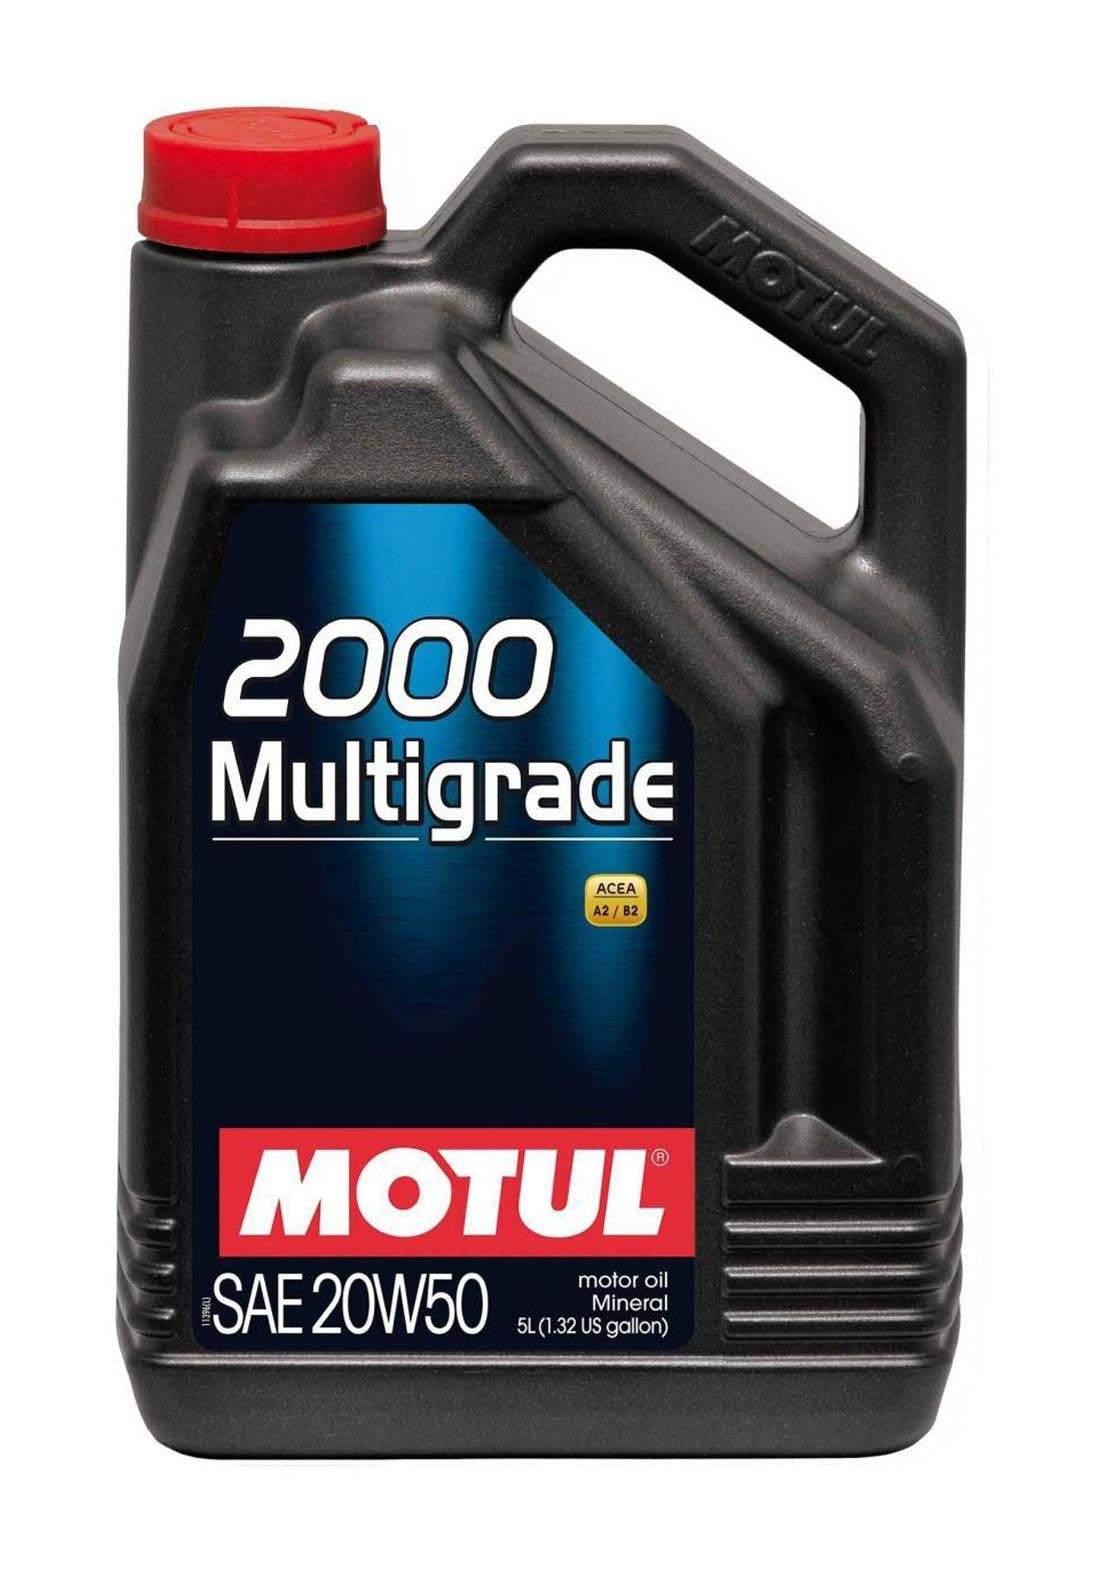 Motul 20W50 2000 Multigrade Mineral Engine Motor Oil  5L زيت معدني للسيارات